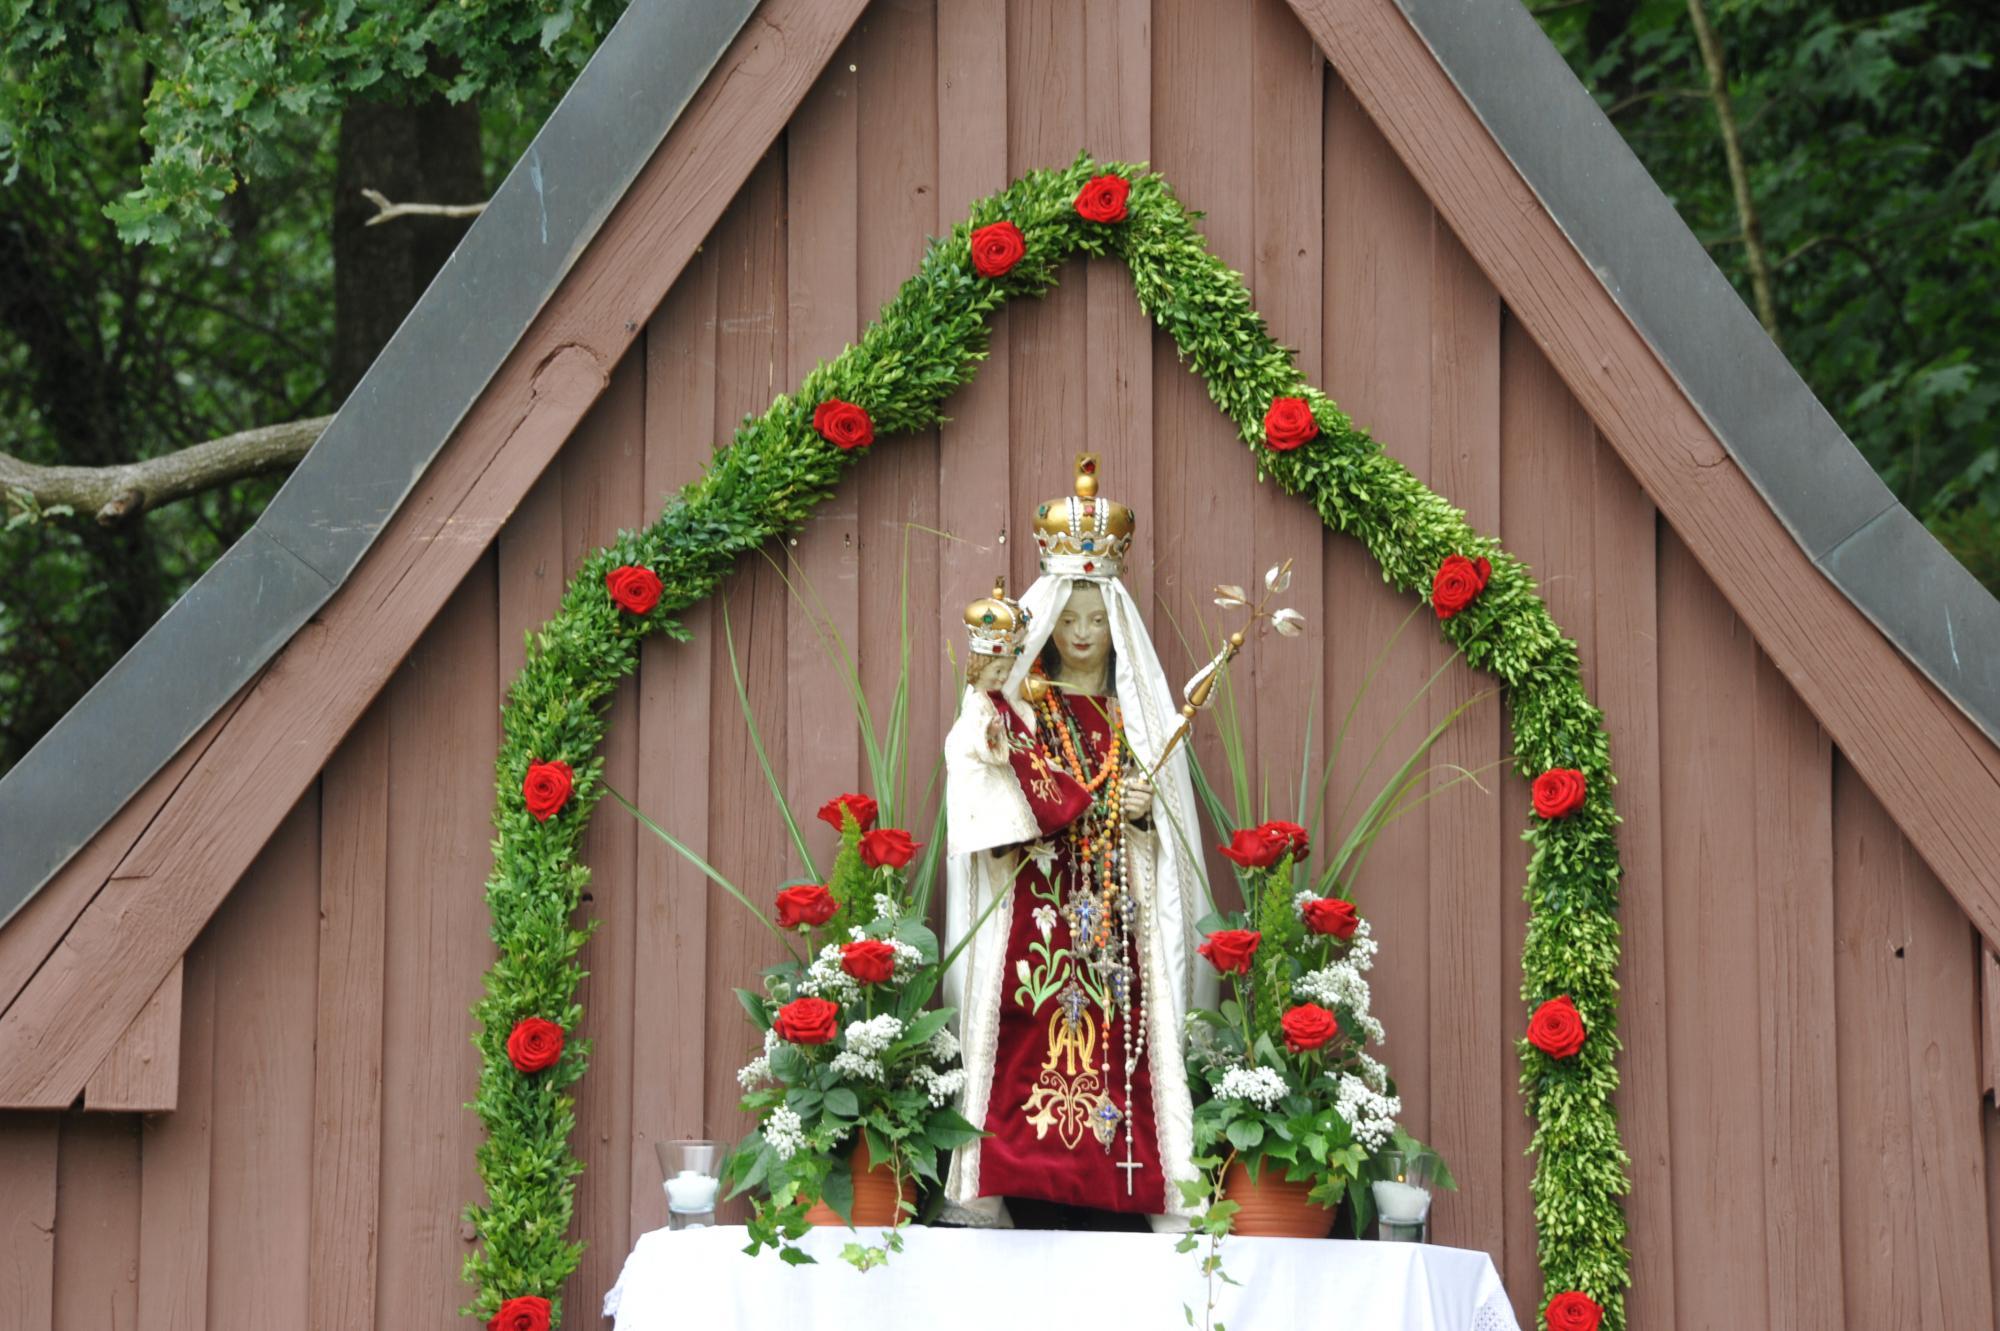 Corona Kapelle